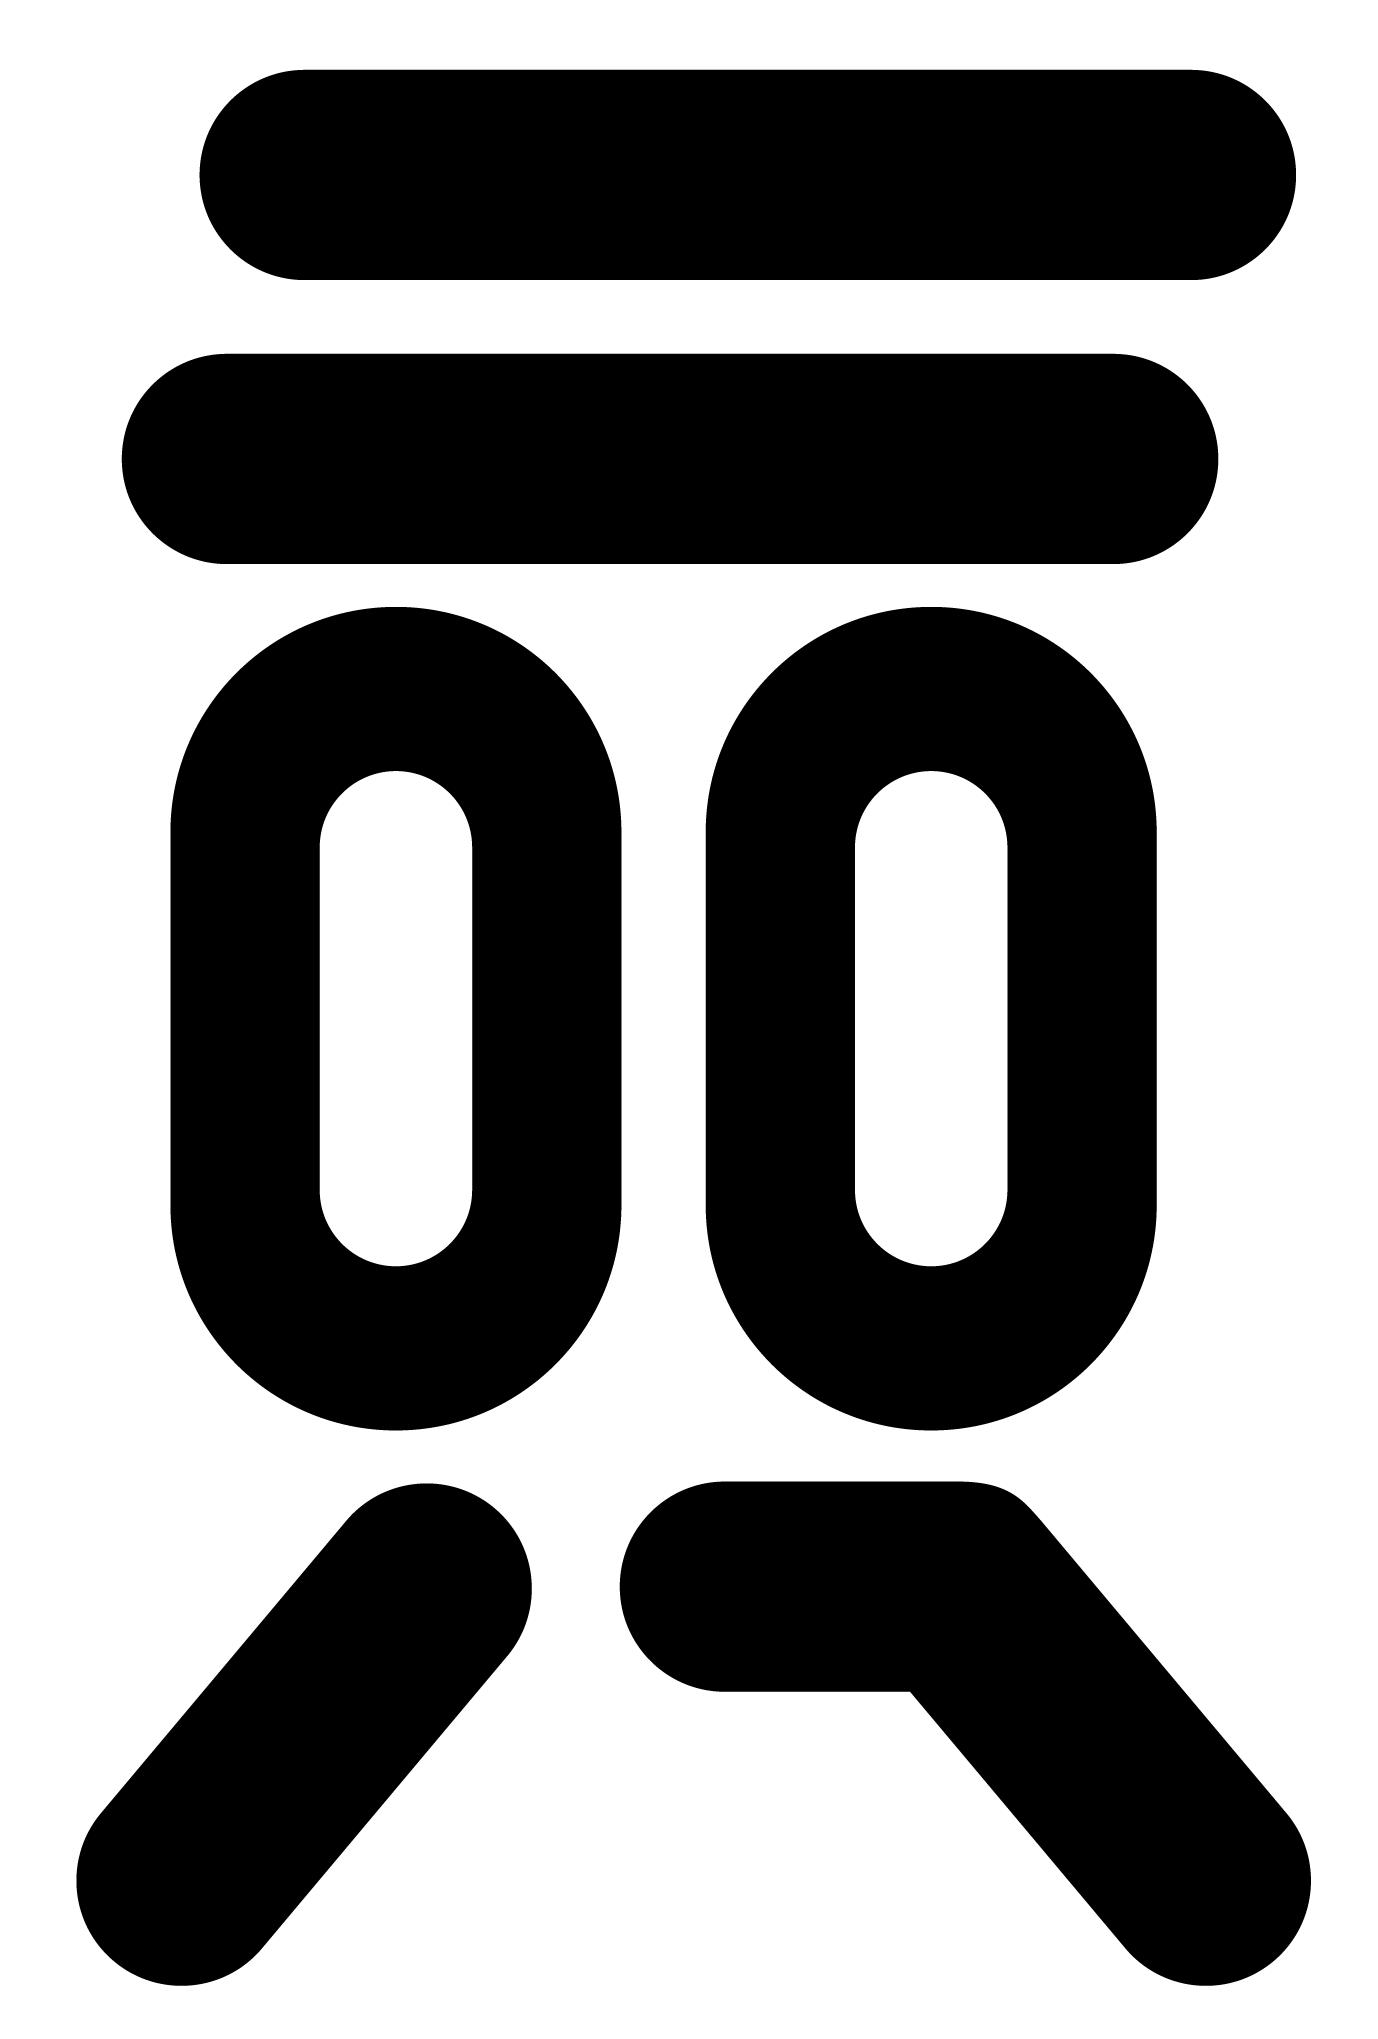 2008年賀状10:二〇〇八おじさんのダウンロード画像